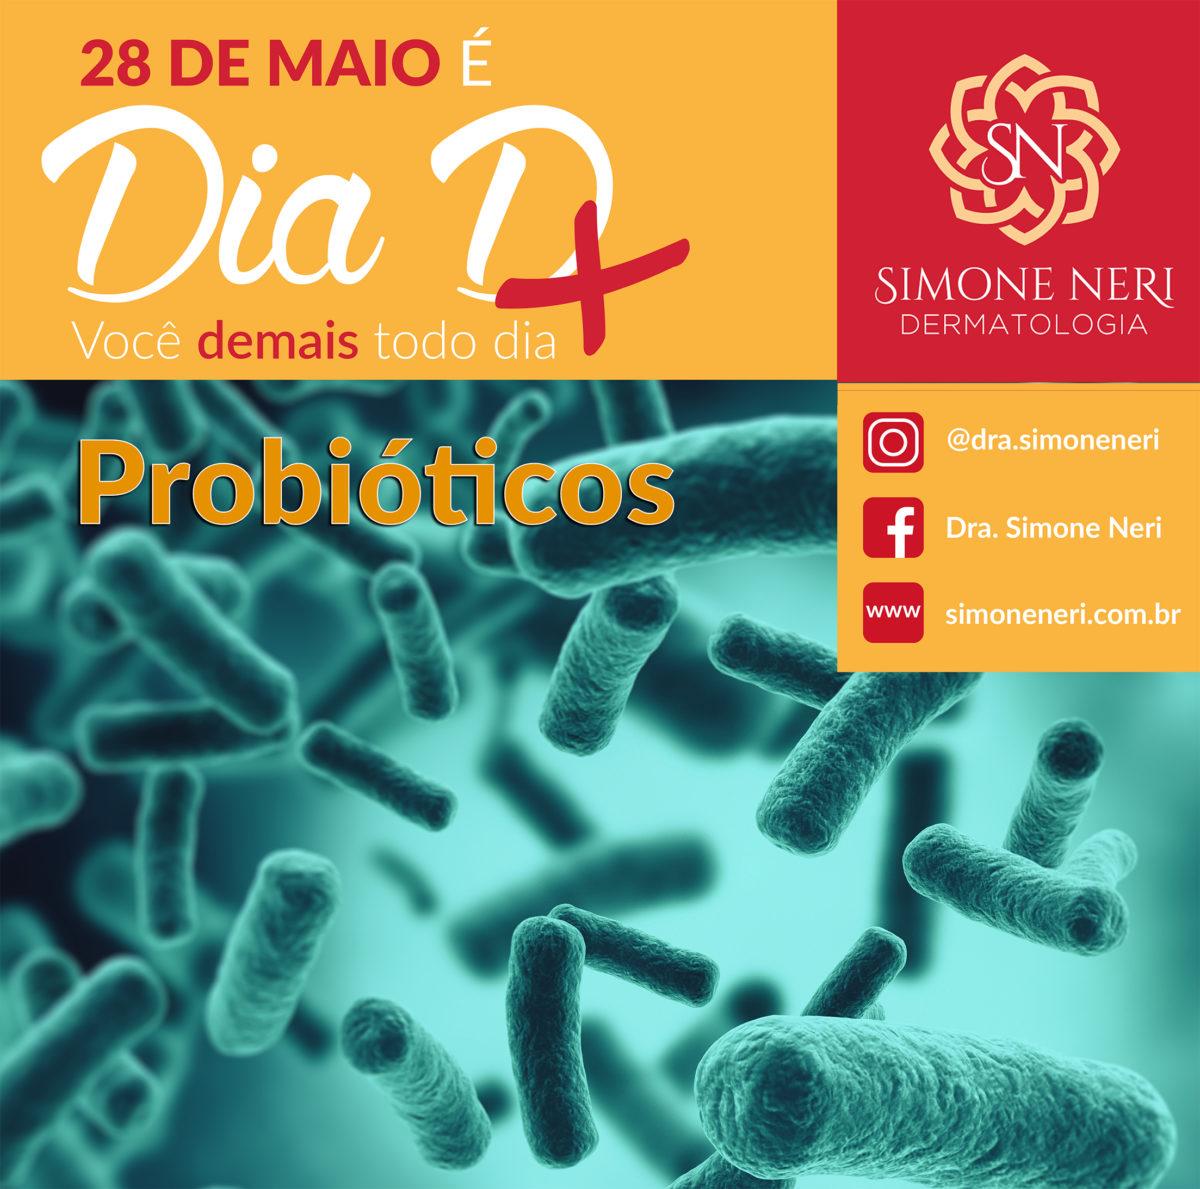 Vamos falar sobre probióticos?